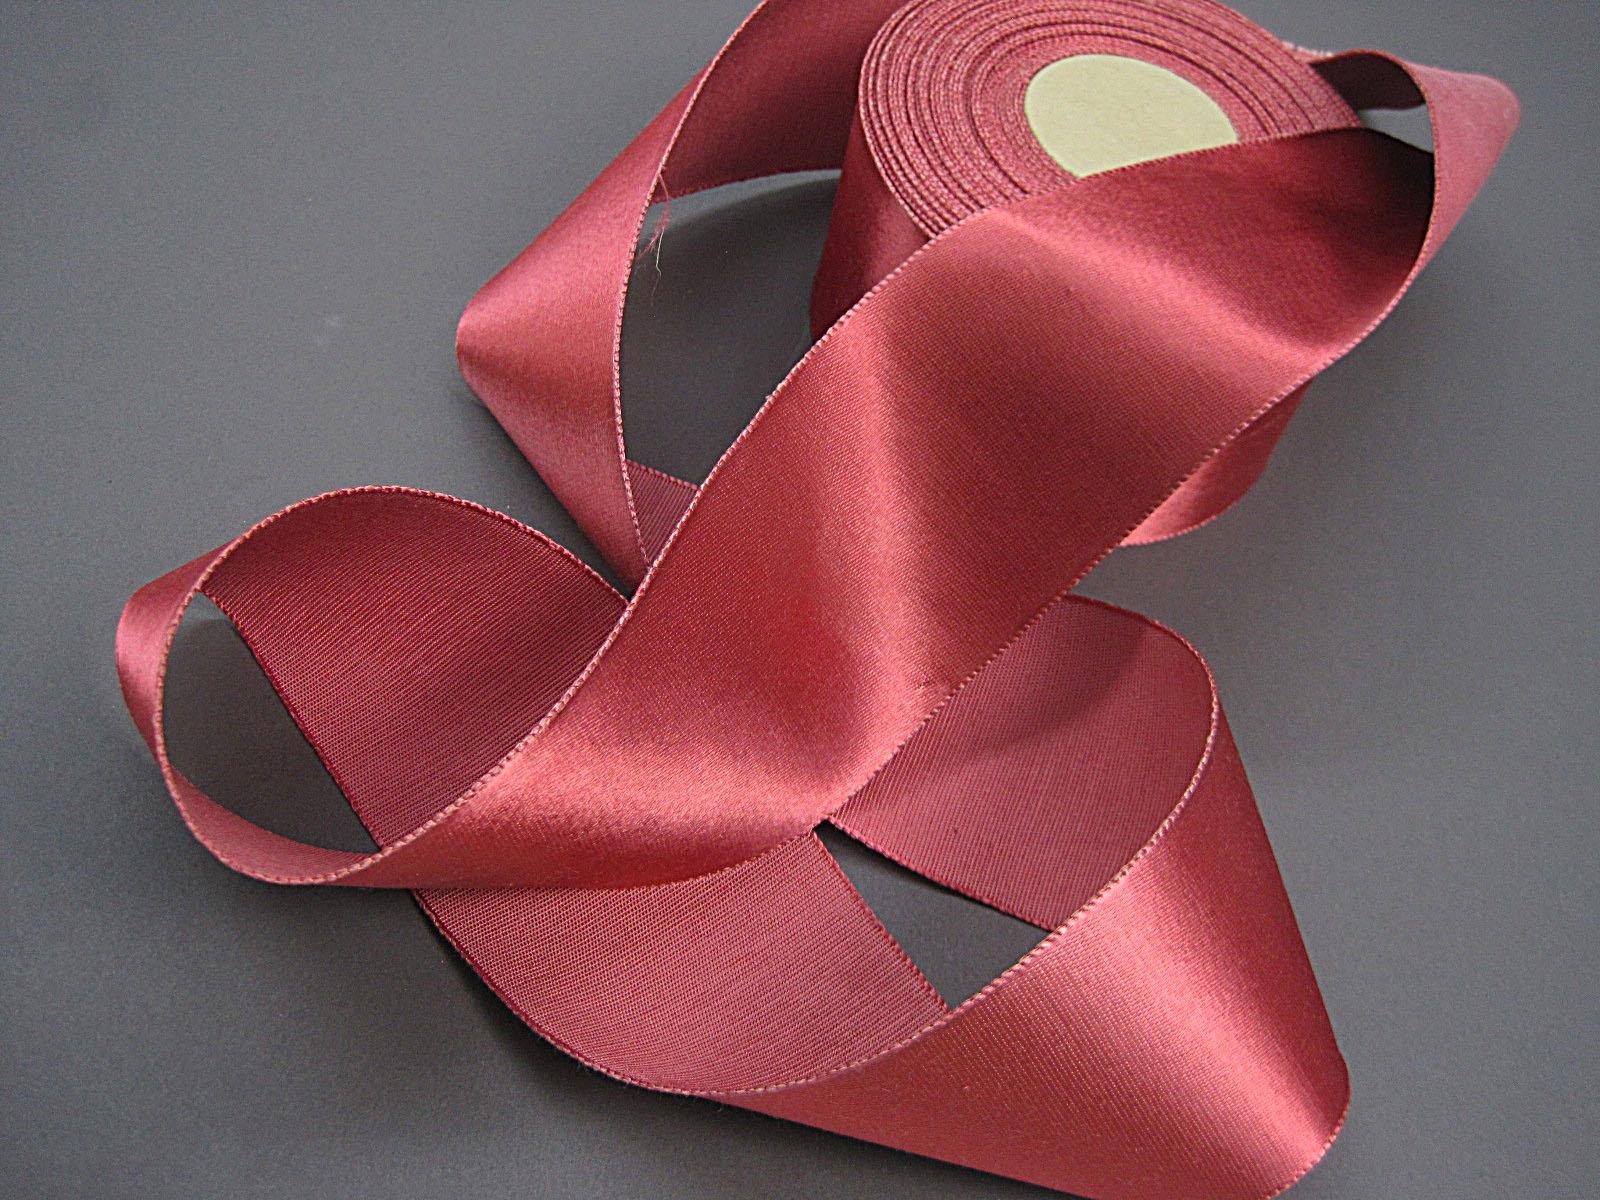 Nooit uit onze gedachten - Pink Ribbon Blog : Pink Ribbon Blog